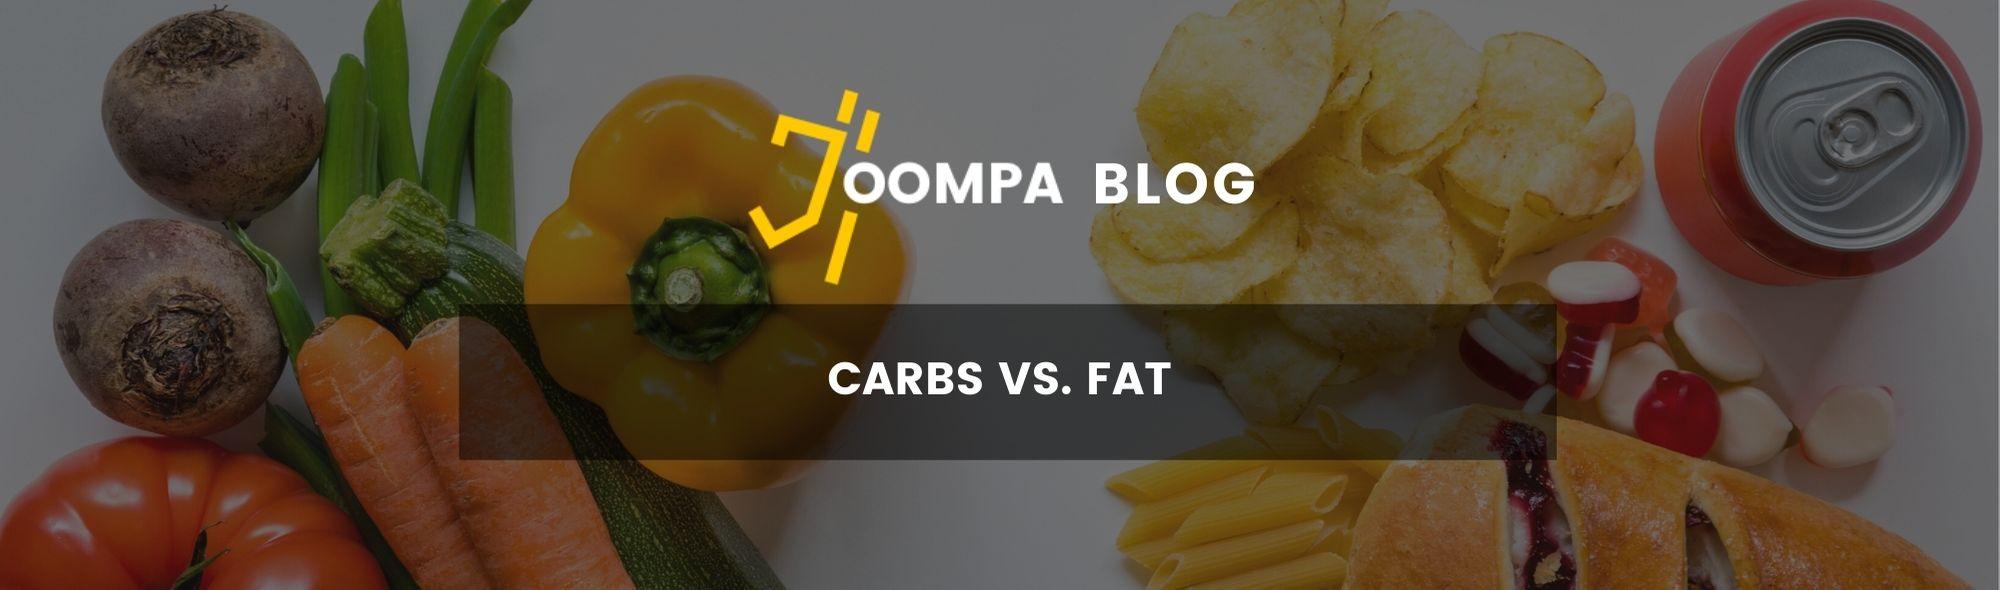 Carbs vs Fat